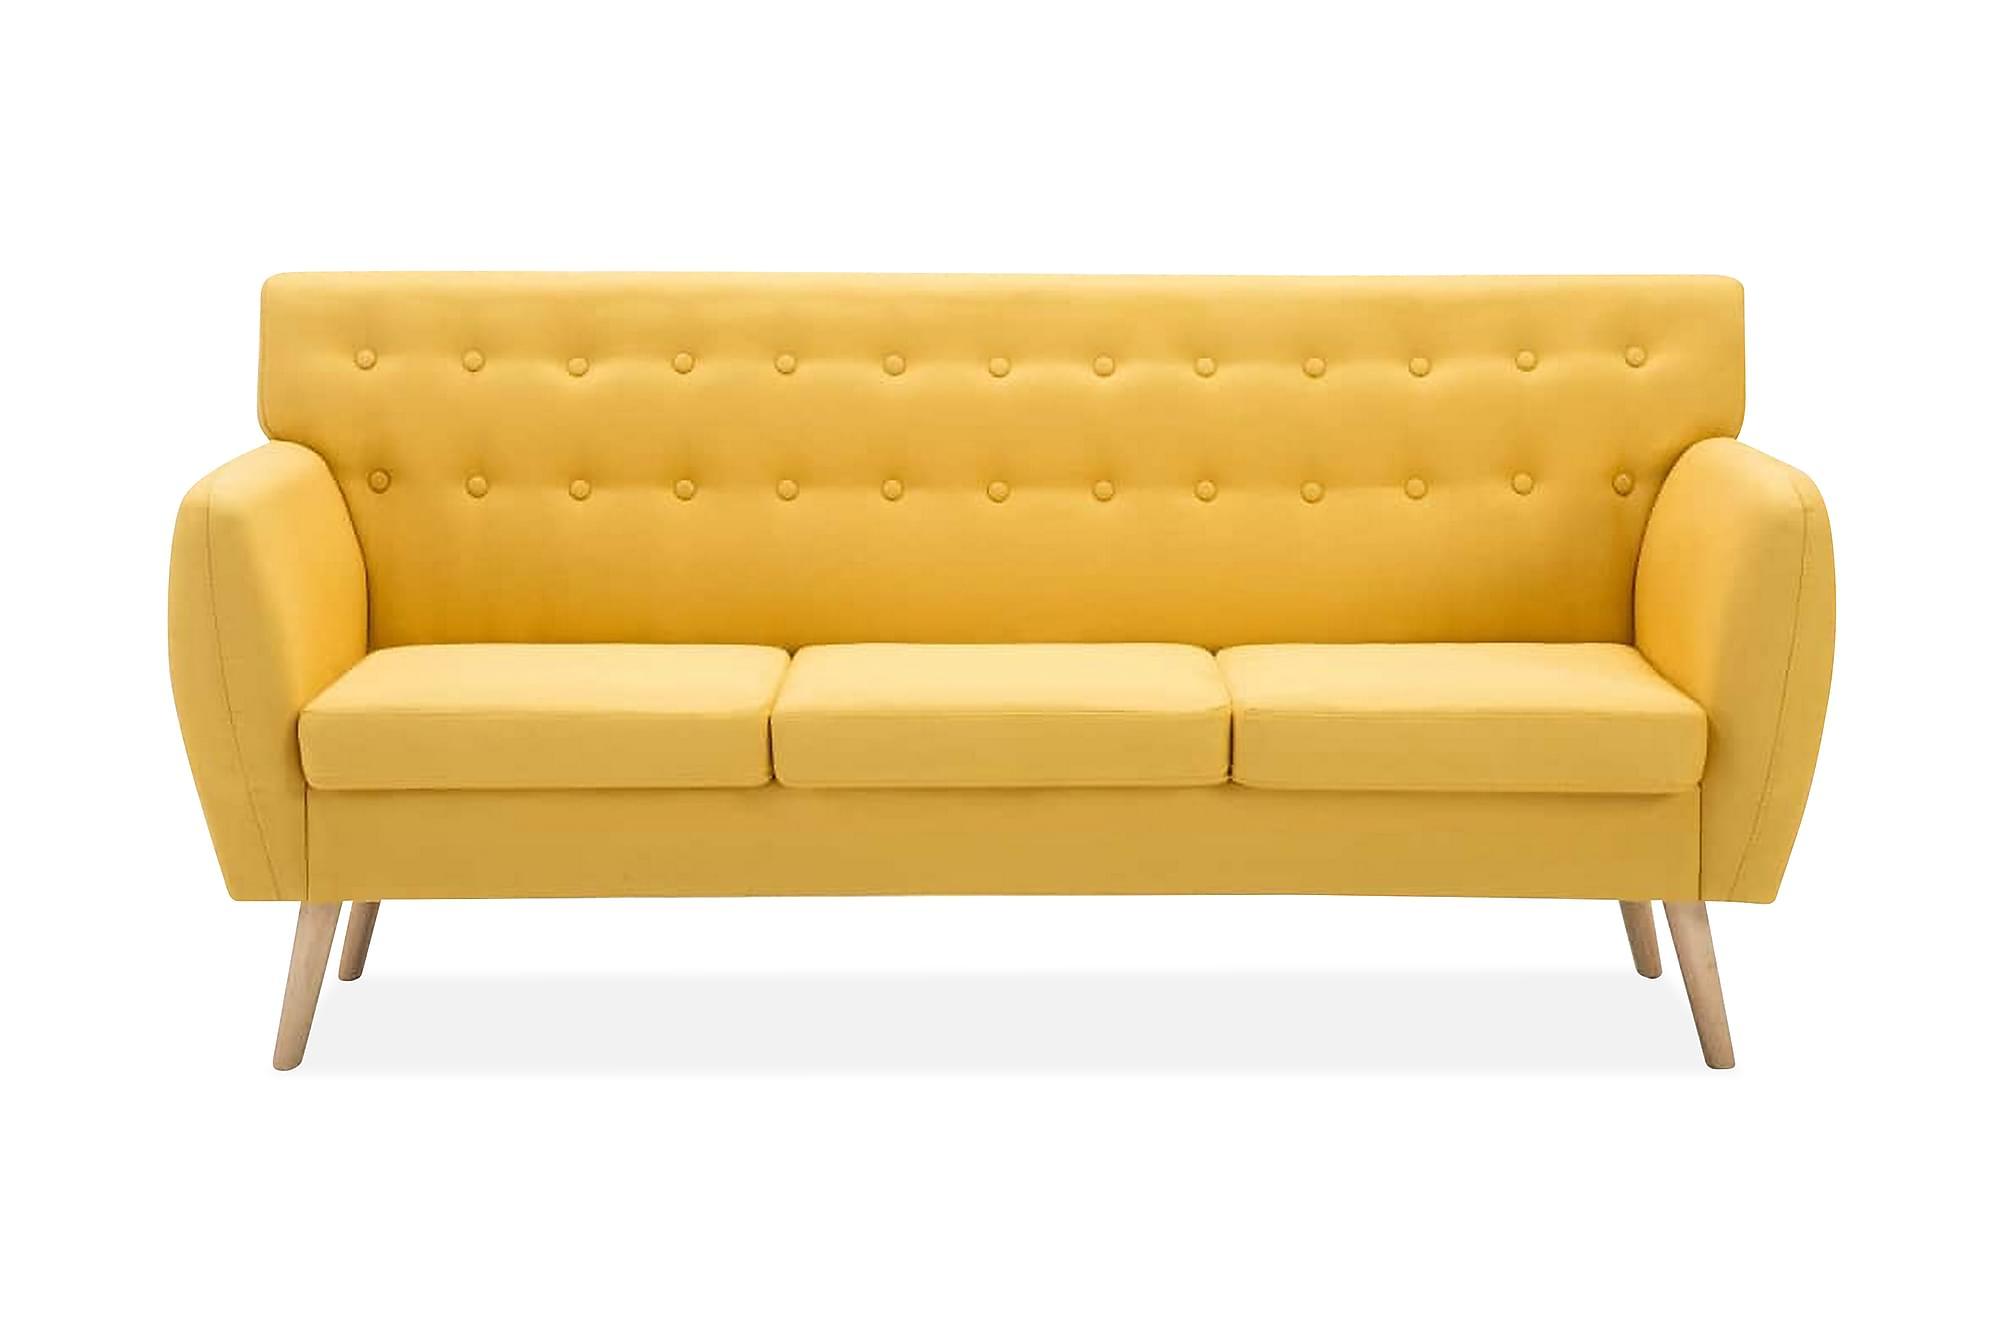 3-sitssoffa med tygklädsel 172x70x82 cm gul, 3-sits soffor